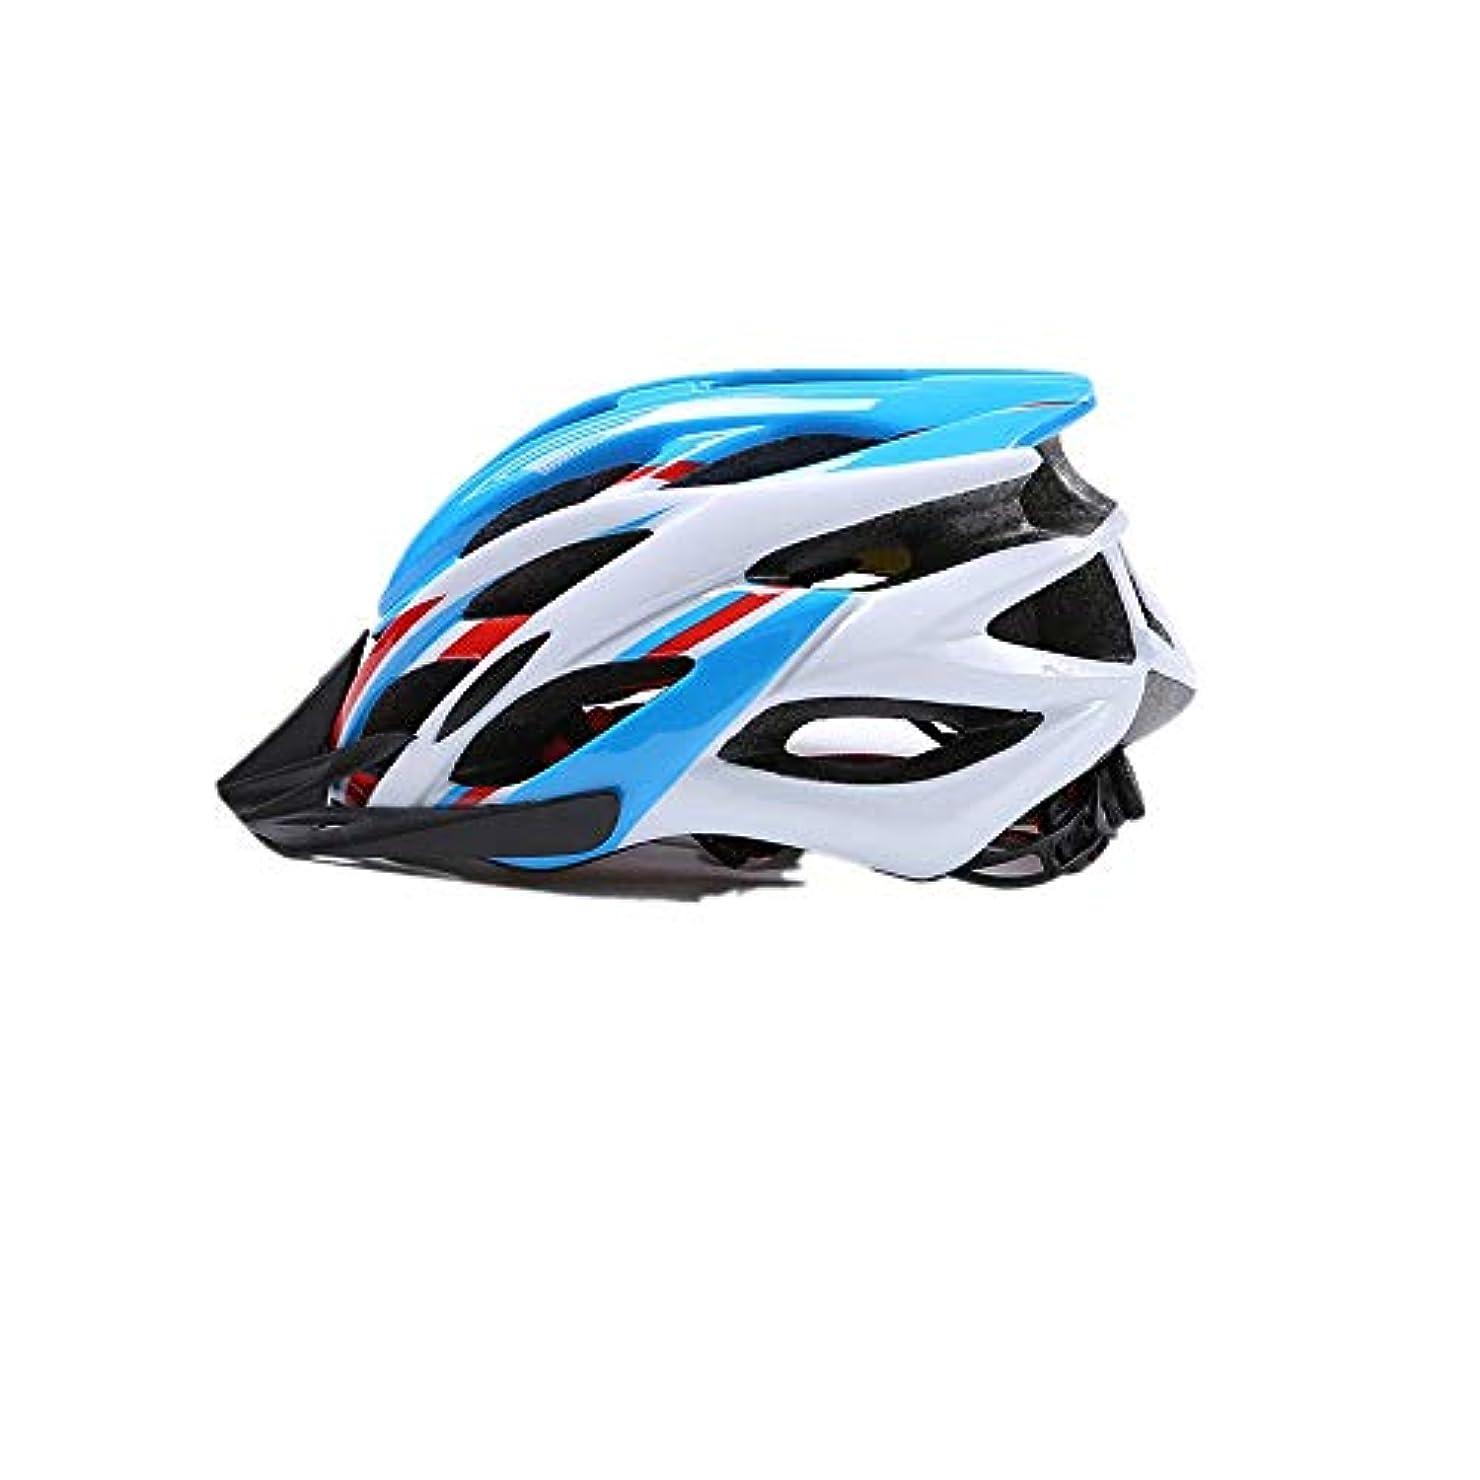 アルコール受信機刺すOkiiting 男性自転車ヘルメットファッションスポーツデザインスポーツヘルメットブルー弾性素材調節可能なサイズ耐摩耗性超軽量ヘルメット うまく設計された